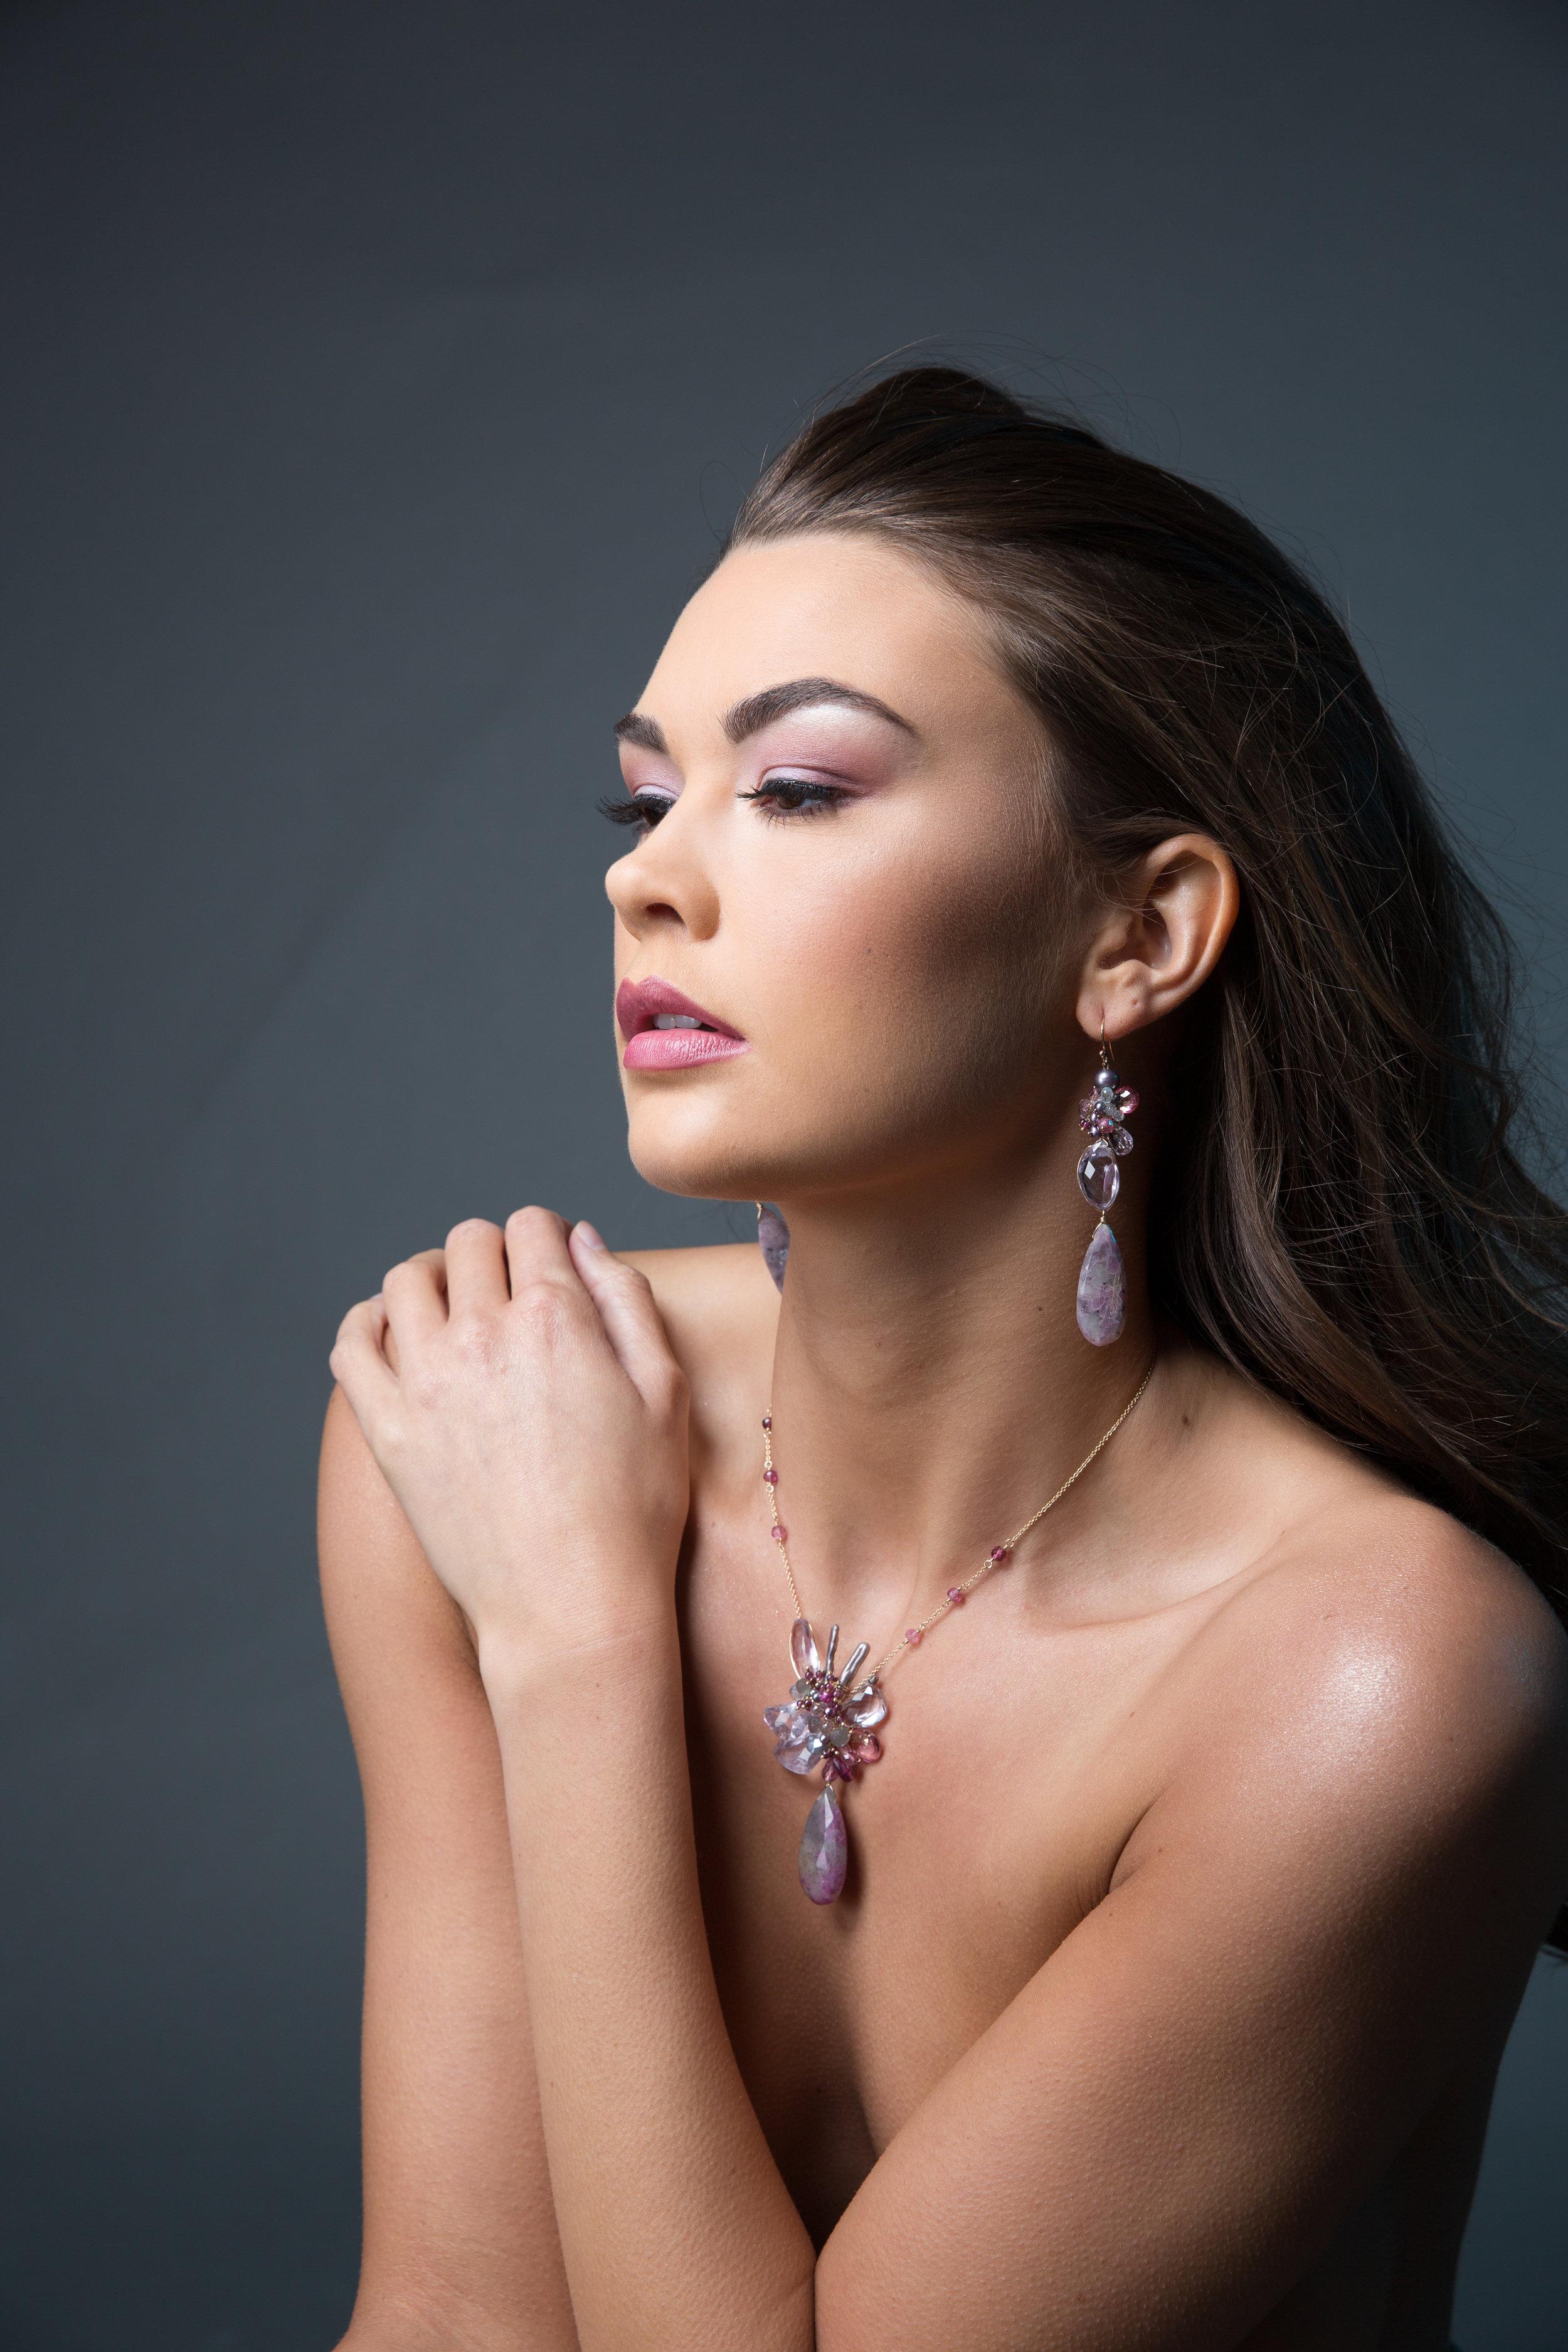 model wearing statement gemstone earrings